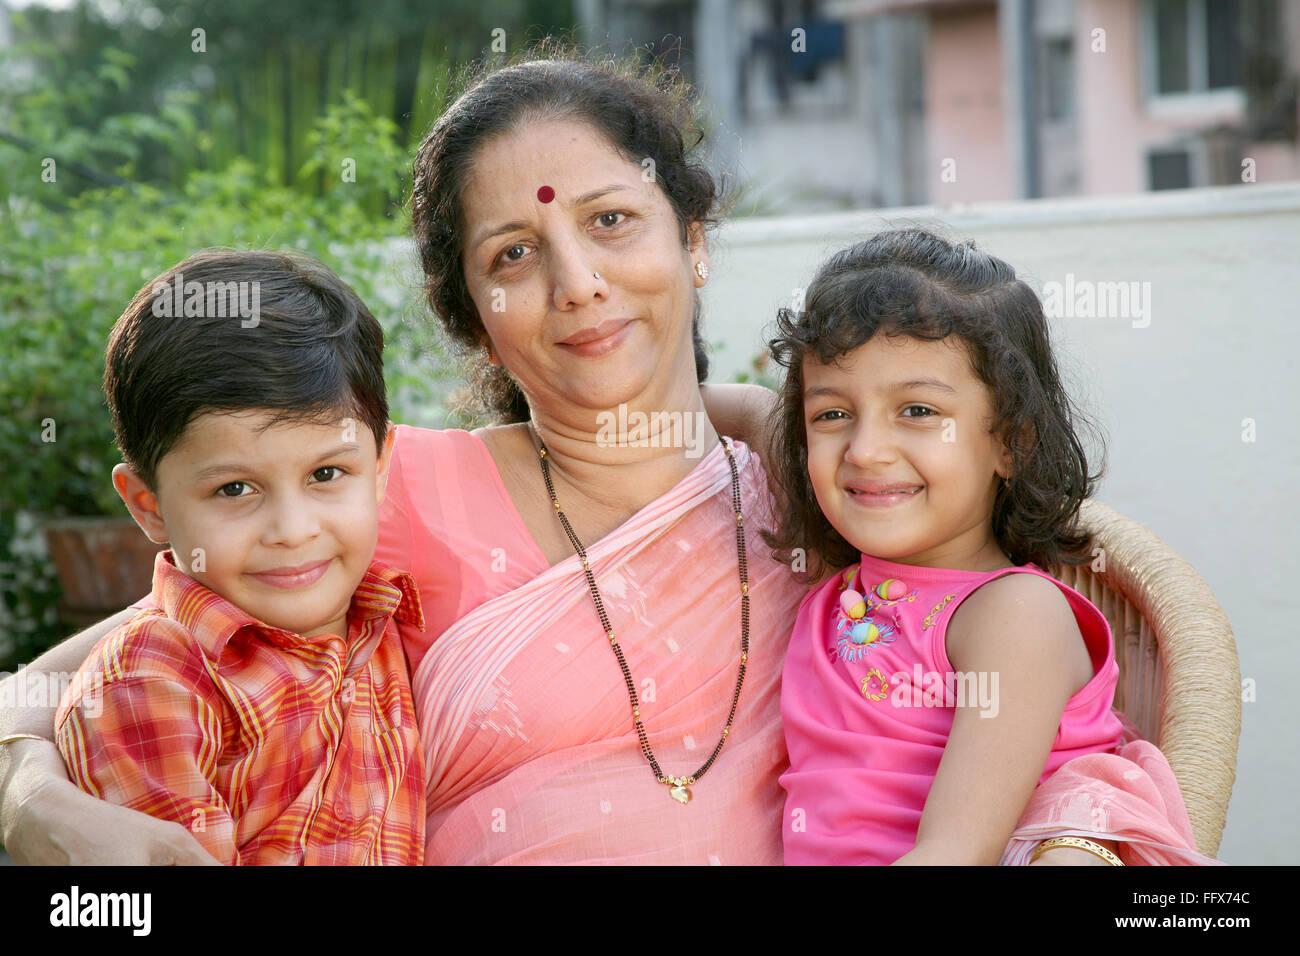 Gran Madre e grand bambini tenendo entrambi i bambini vicino a lei signor # 687F 687G e 687E Immagini Stock